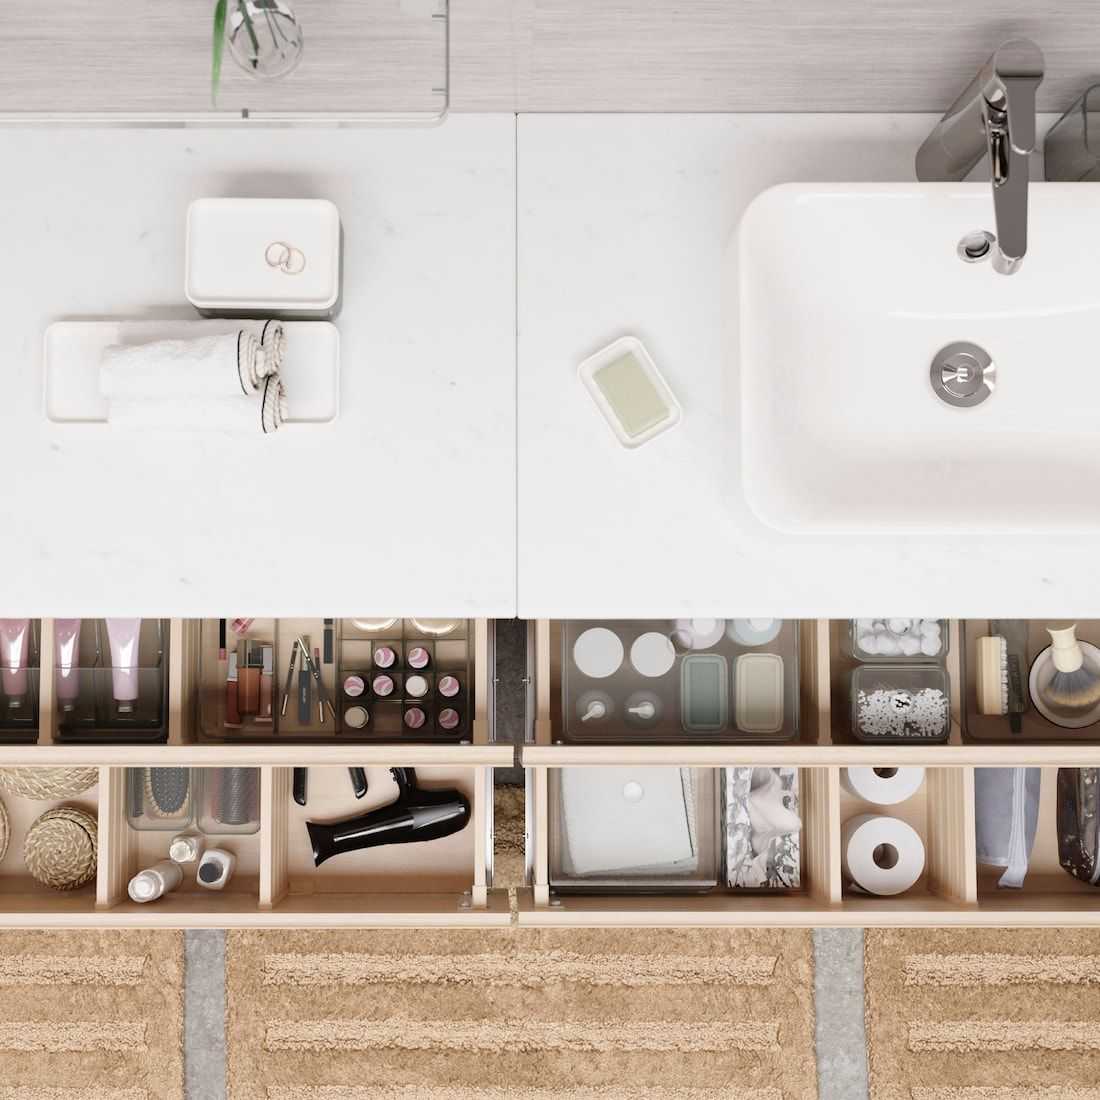 Les Secrets D Une Salle De Bain Bien Rangee In 2020 Badezimmer Badezimmer Inspiration Helle Badezimmer